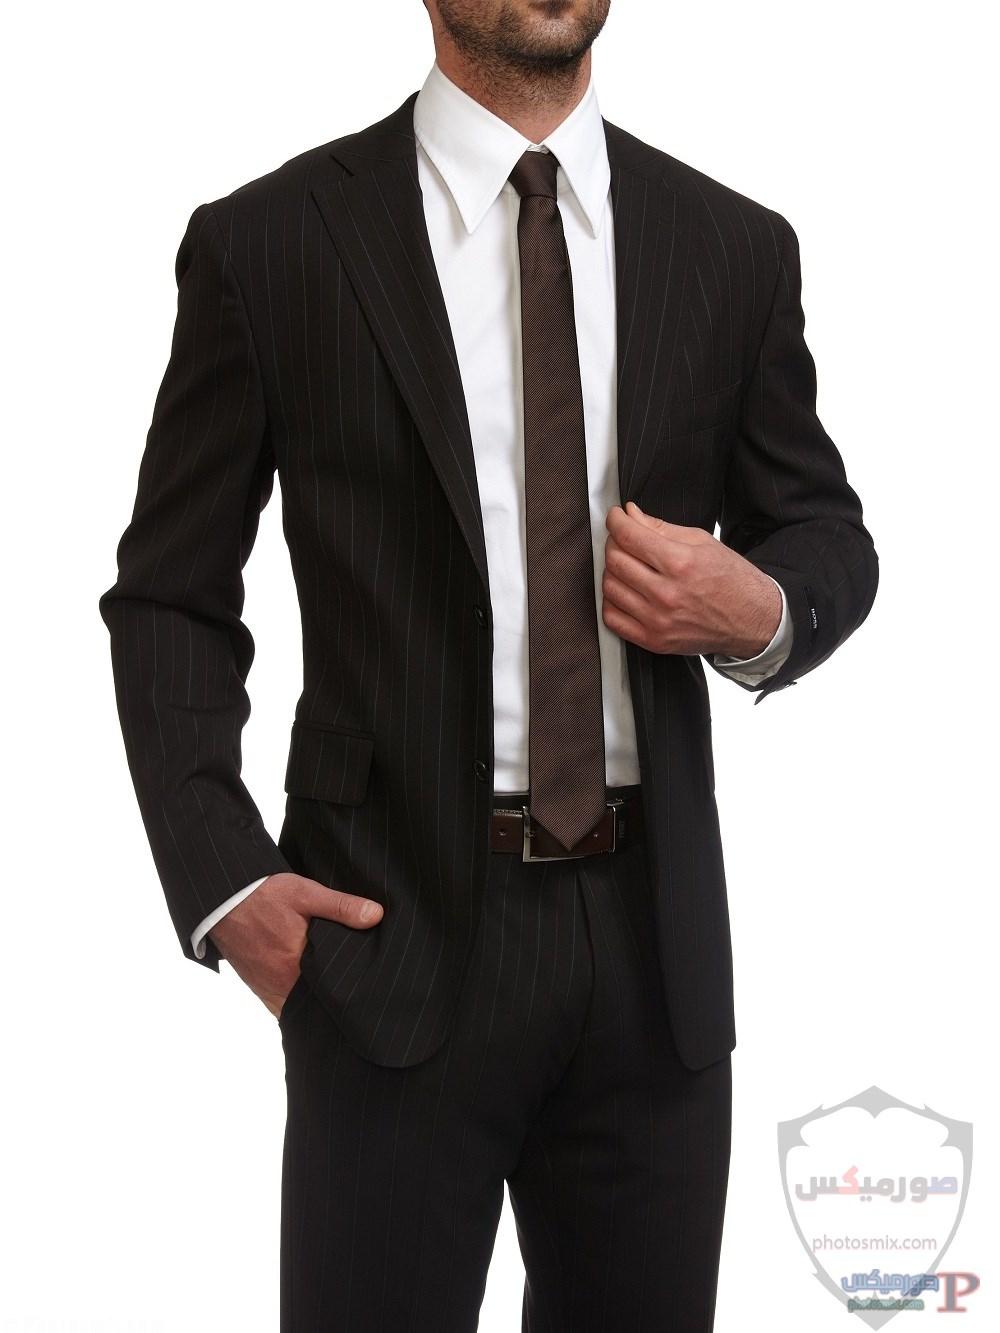 صور بدل رجالى 2020 صور ازياء وملابس كلاسيك شبابية للرجال 5